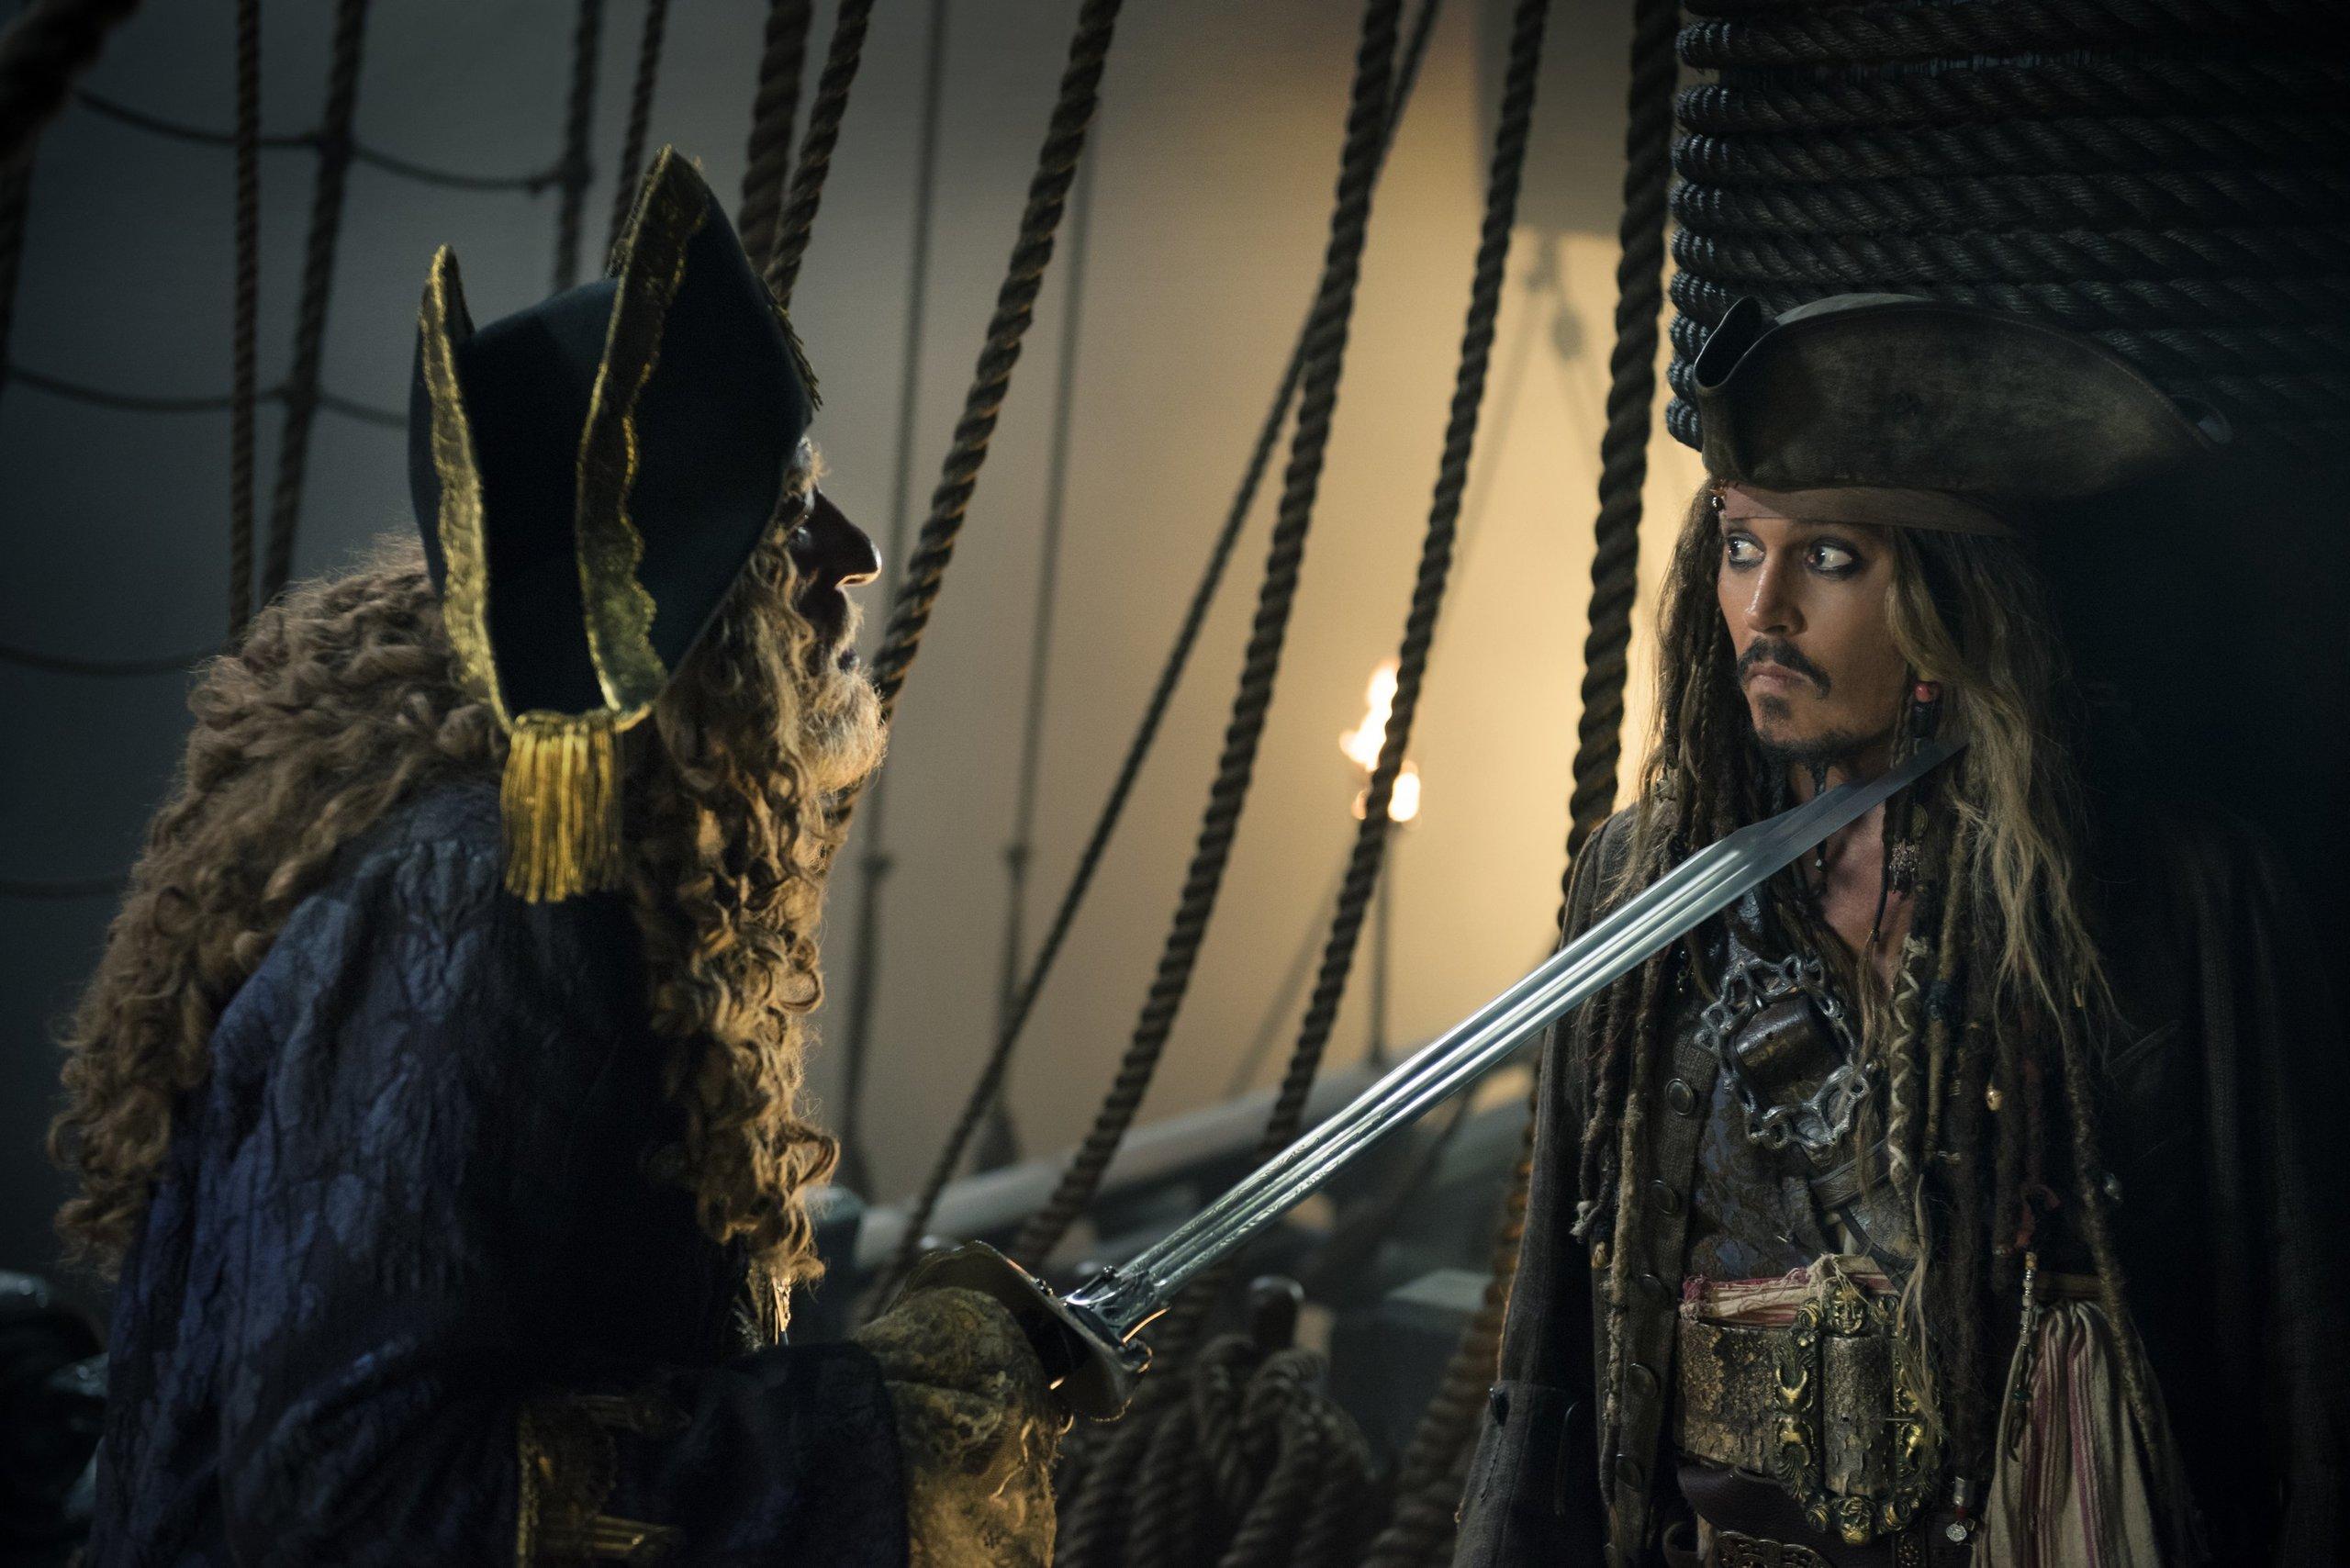 Пираты Карибского моря: Мертвецы не рассказывают сказки, кадр № 13